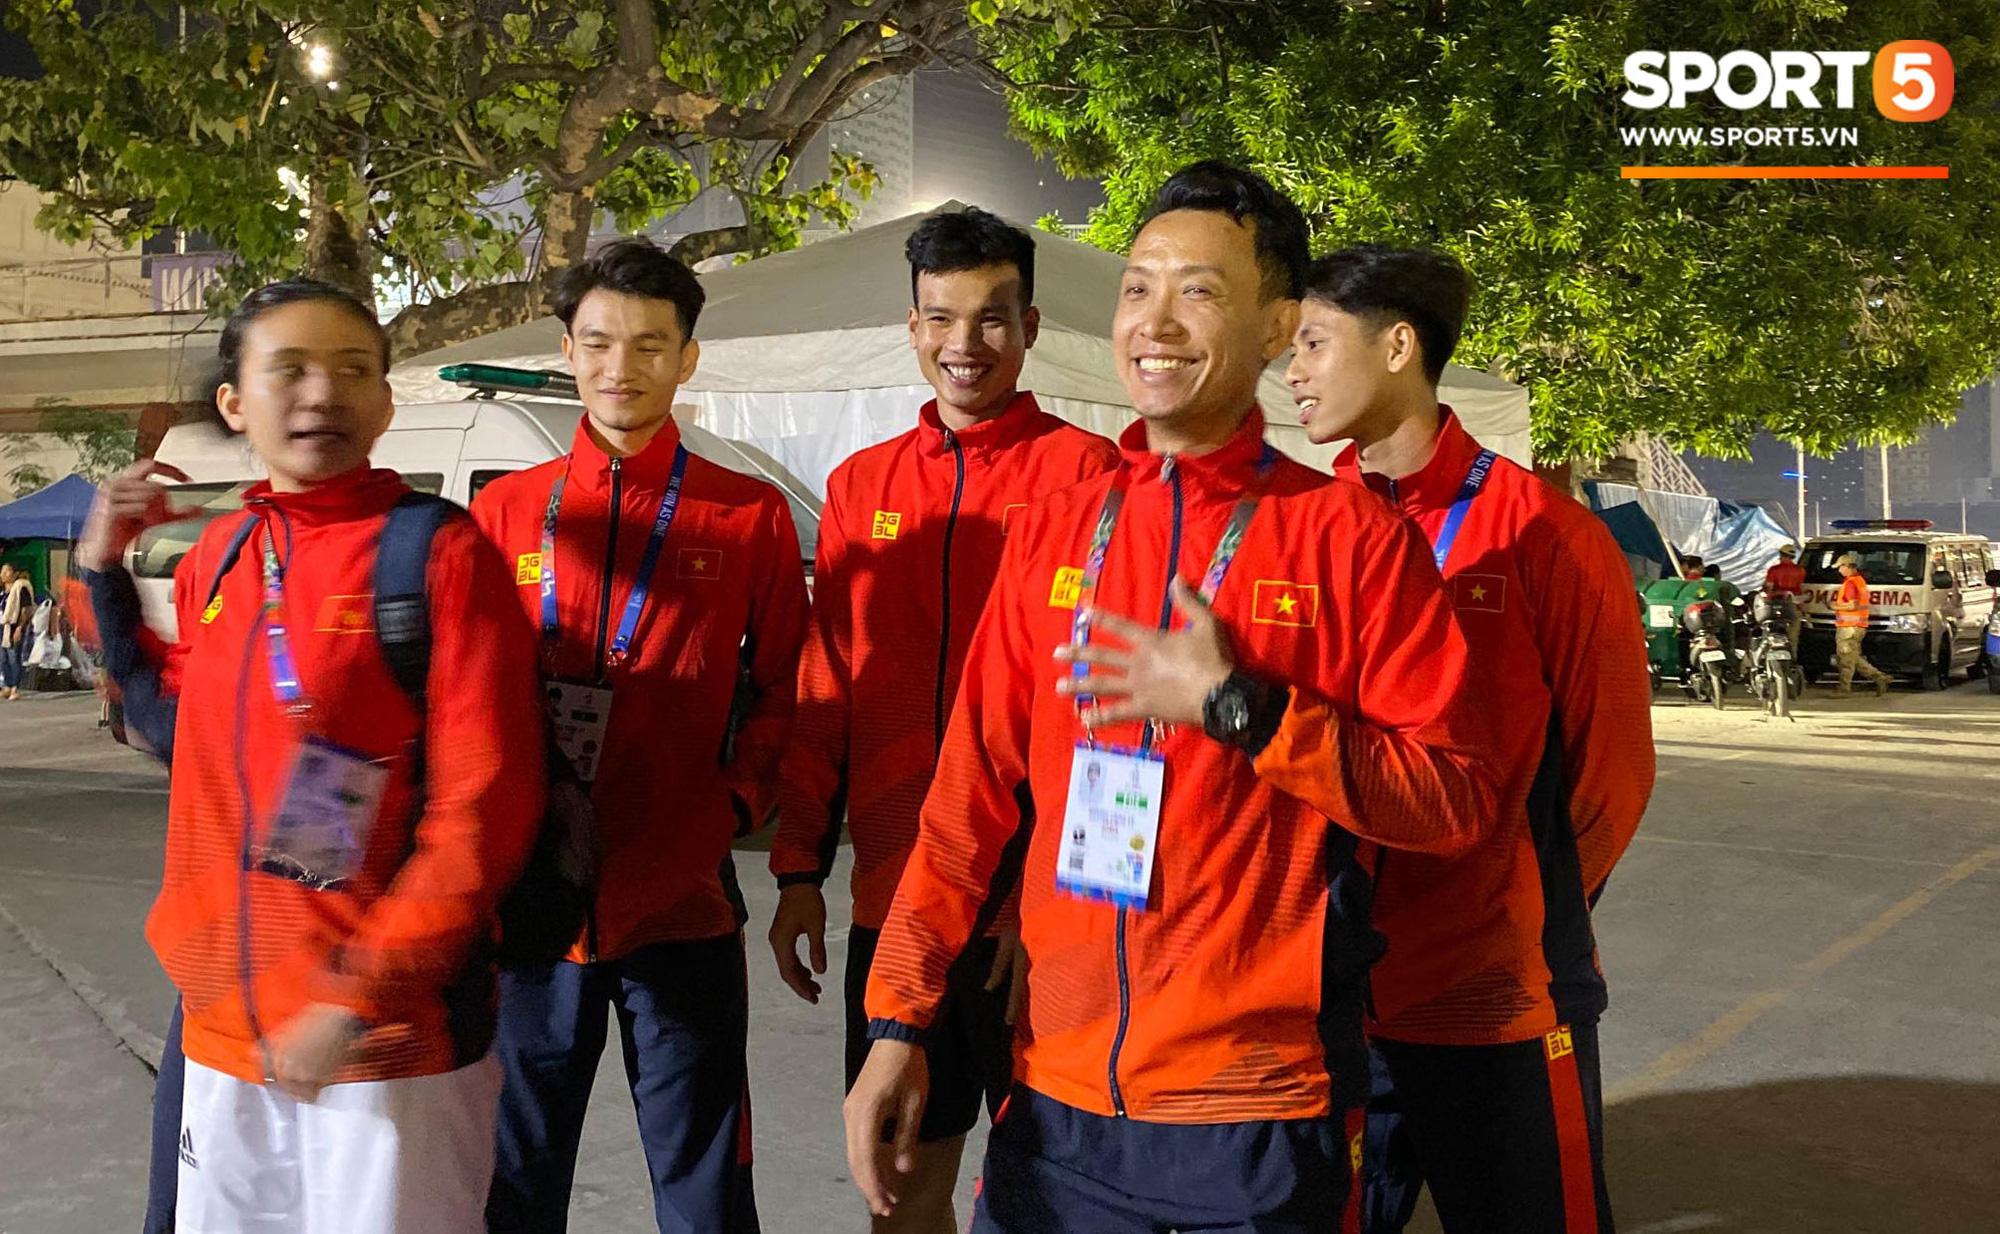 SEA Games ngày 8/12: Nữ hoàng điền kinh Tú Chinh vượt 2 VĐV nhập tịch trong tích tắc, xuất sắc giành HCV chung cuộc - Ảnh 11.